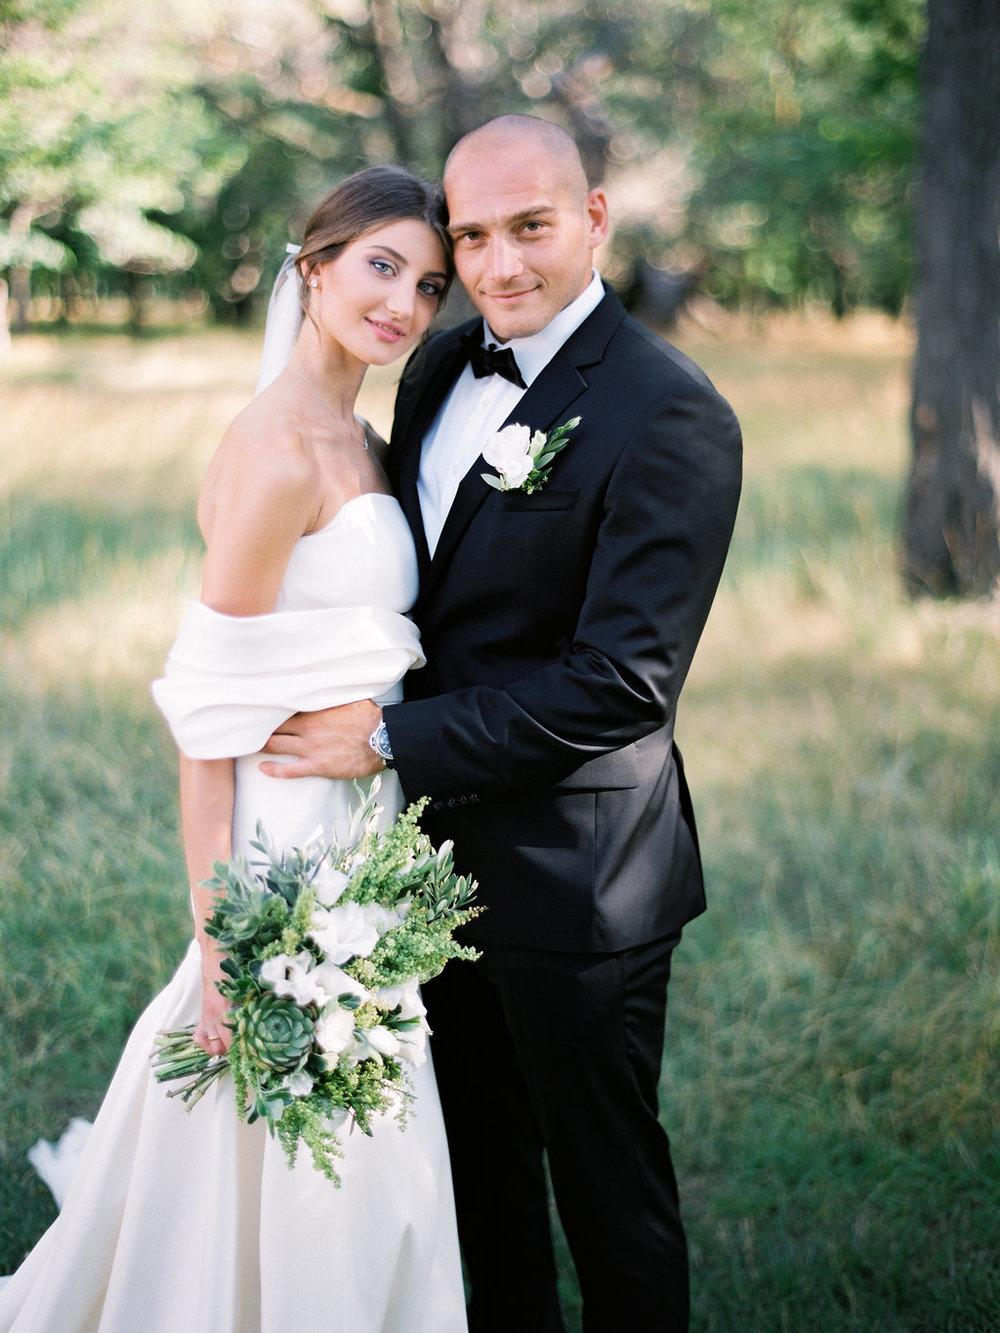 TamaraGigolaPhotography,LashaLomidze&AnnaShelia,ChateauMukhrani-0030.JPG